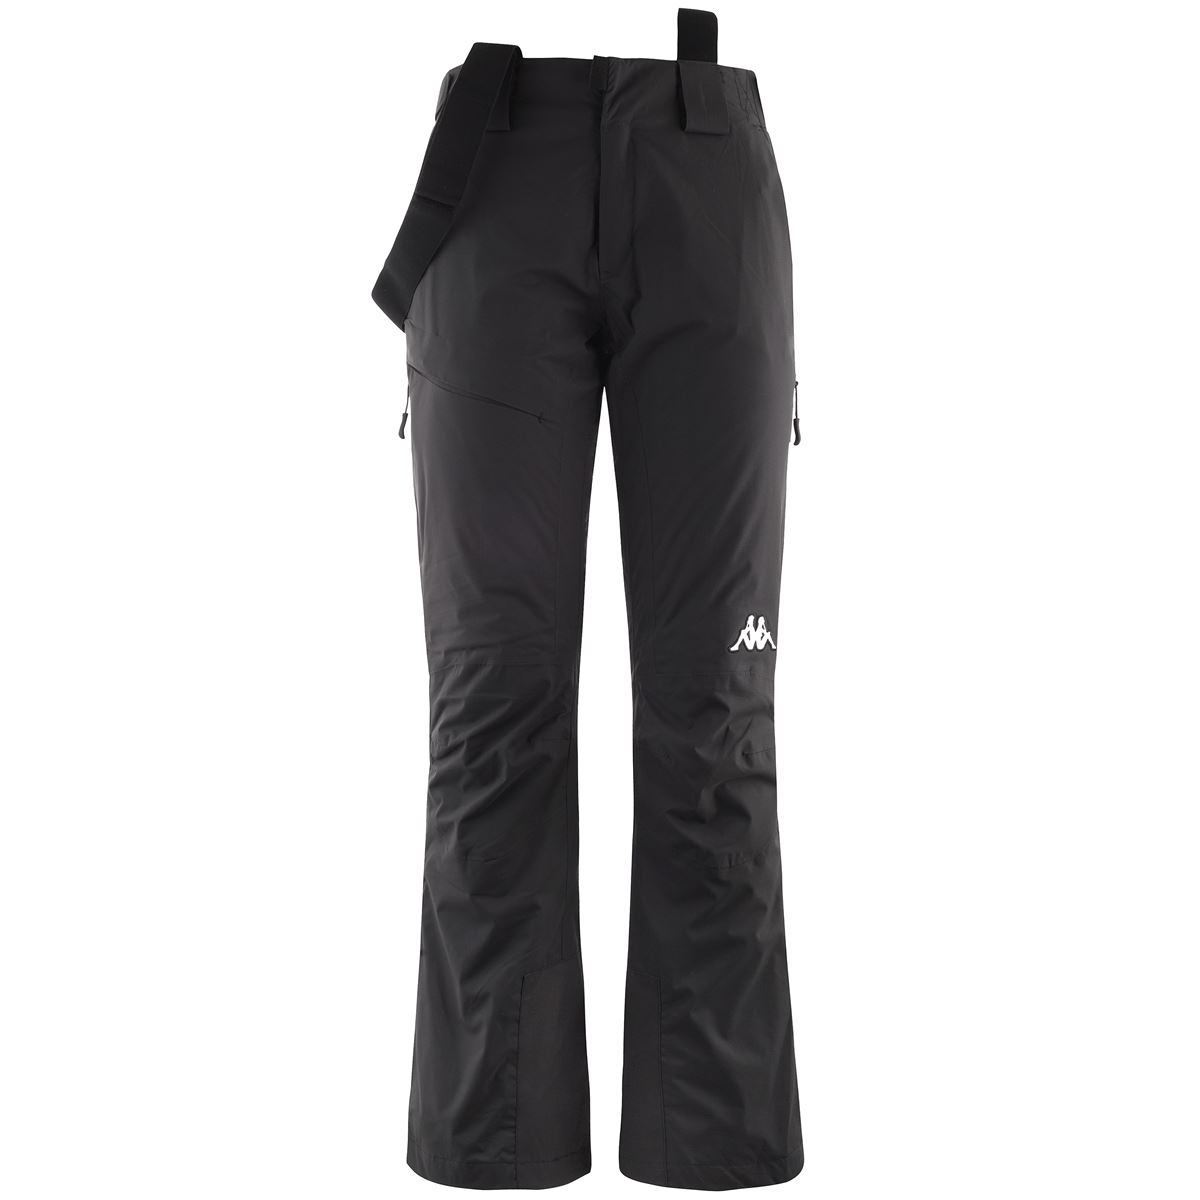 Kappa Pantaloni donna-303PB00